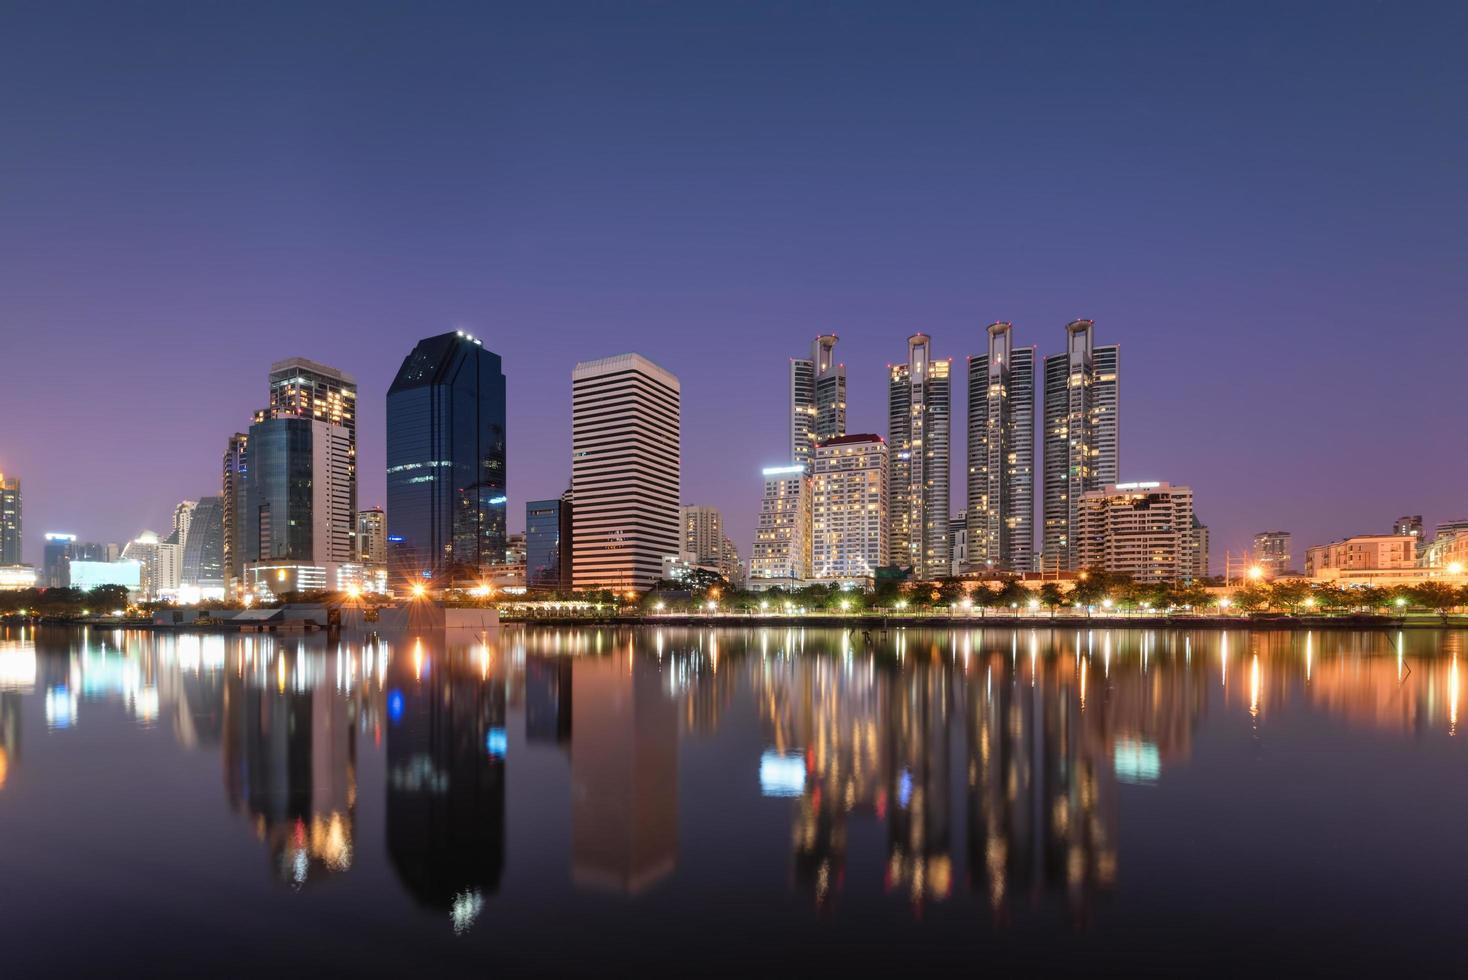 Bangkok business district at dusk photo